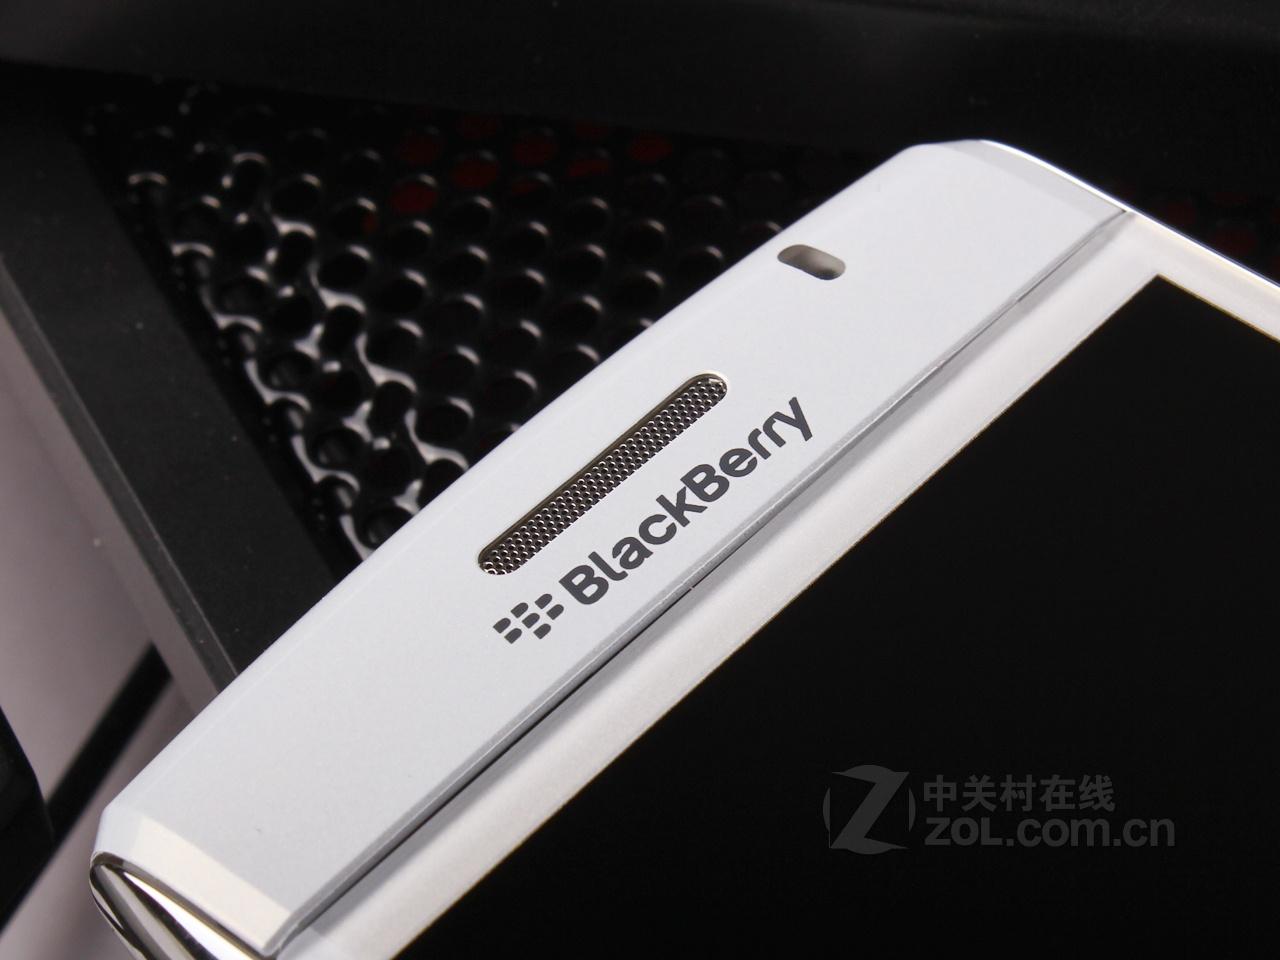 【高清图】 黑莓(blackberry)9780实拍图 图55